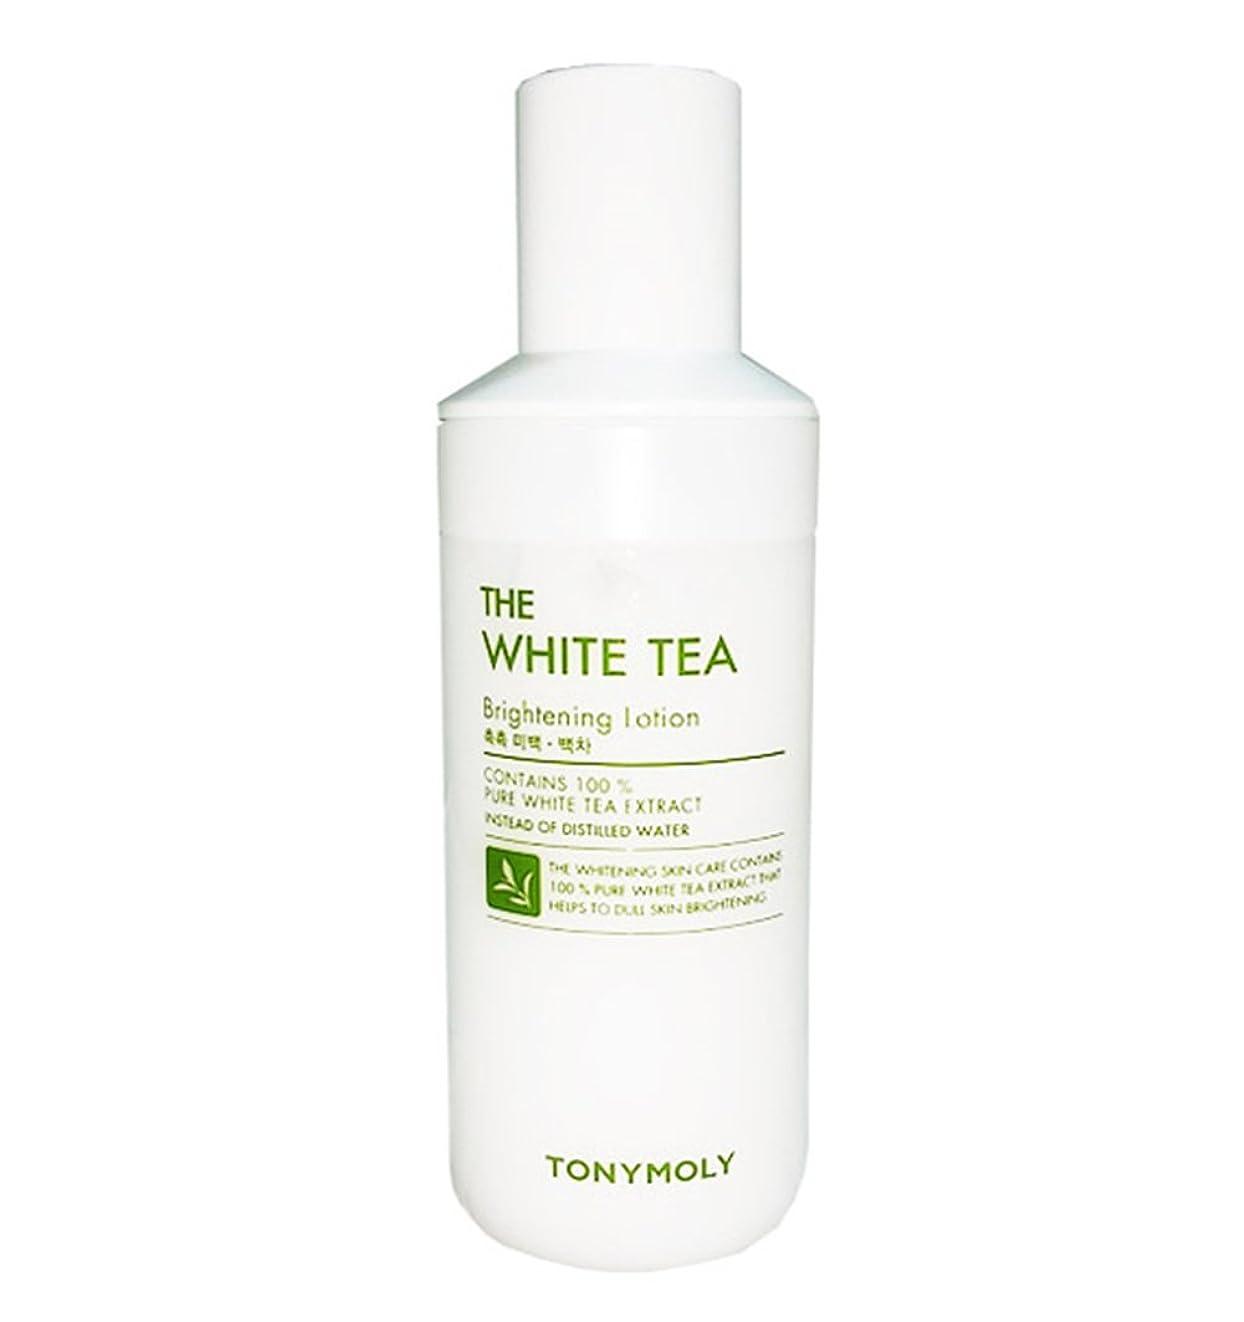 バクテリア保証金証明(トニーモリー) TonyMory The White Tea Brightening Lotion 130ml CH1316523 (130ml) [並行輸入品]